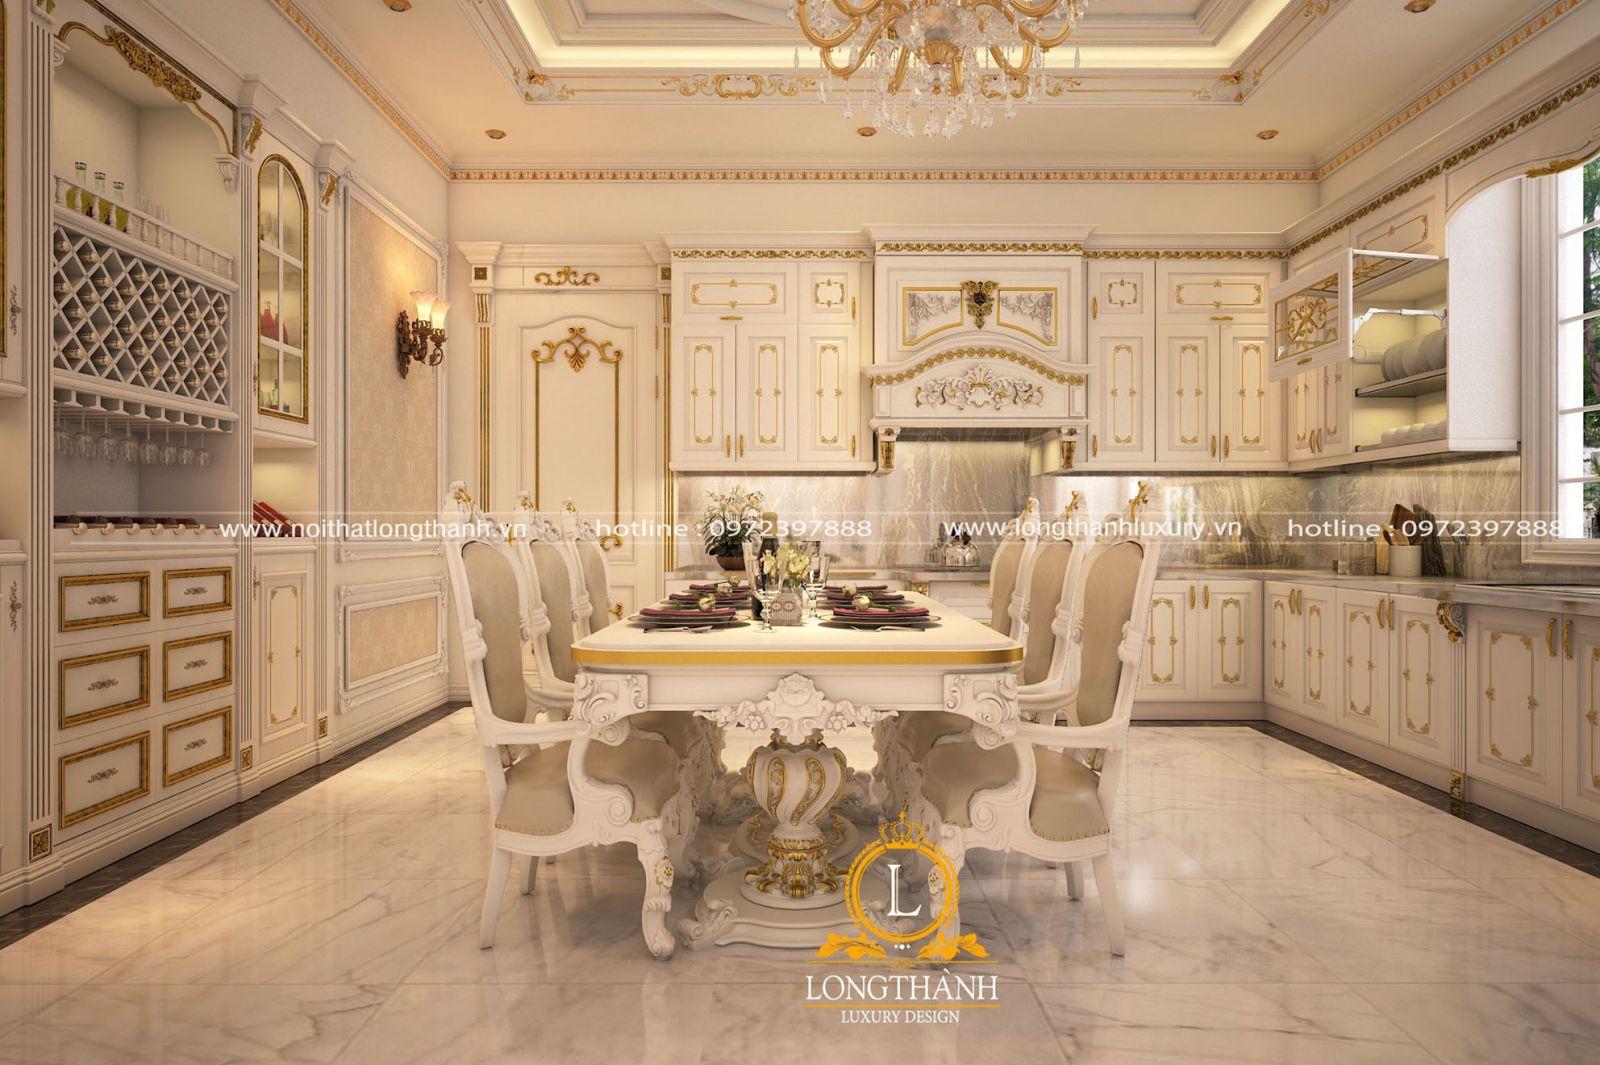 Thiết kế tủ bếp gỗ Lát sơn trắng đồng bộ với tổng thể nội thất trong nhà